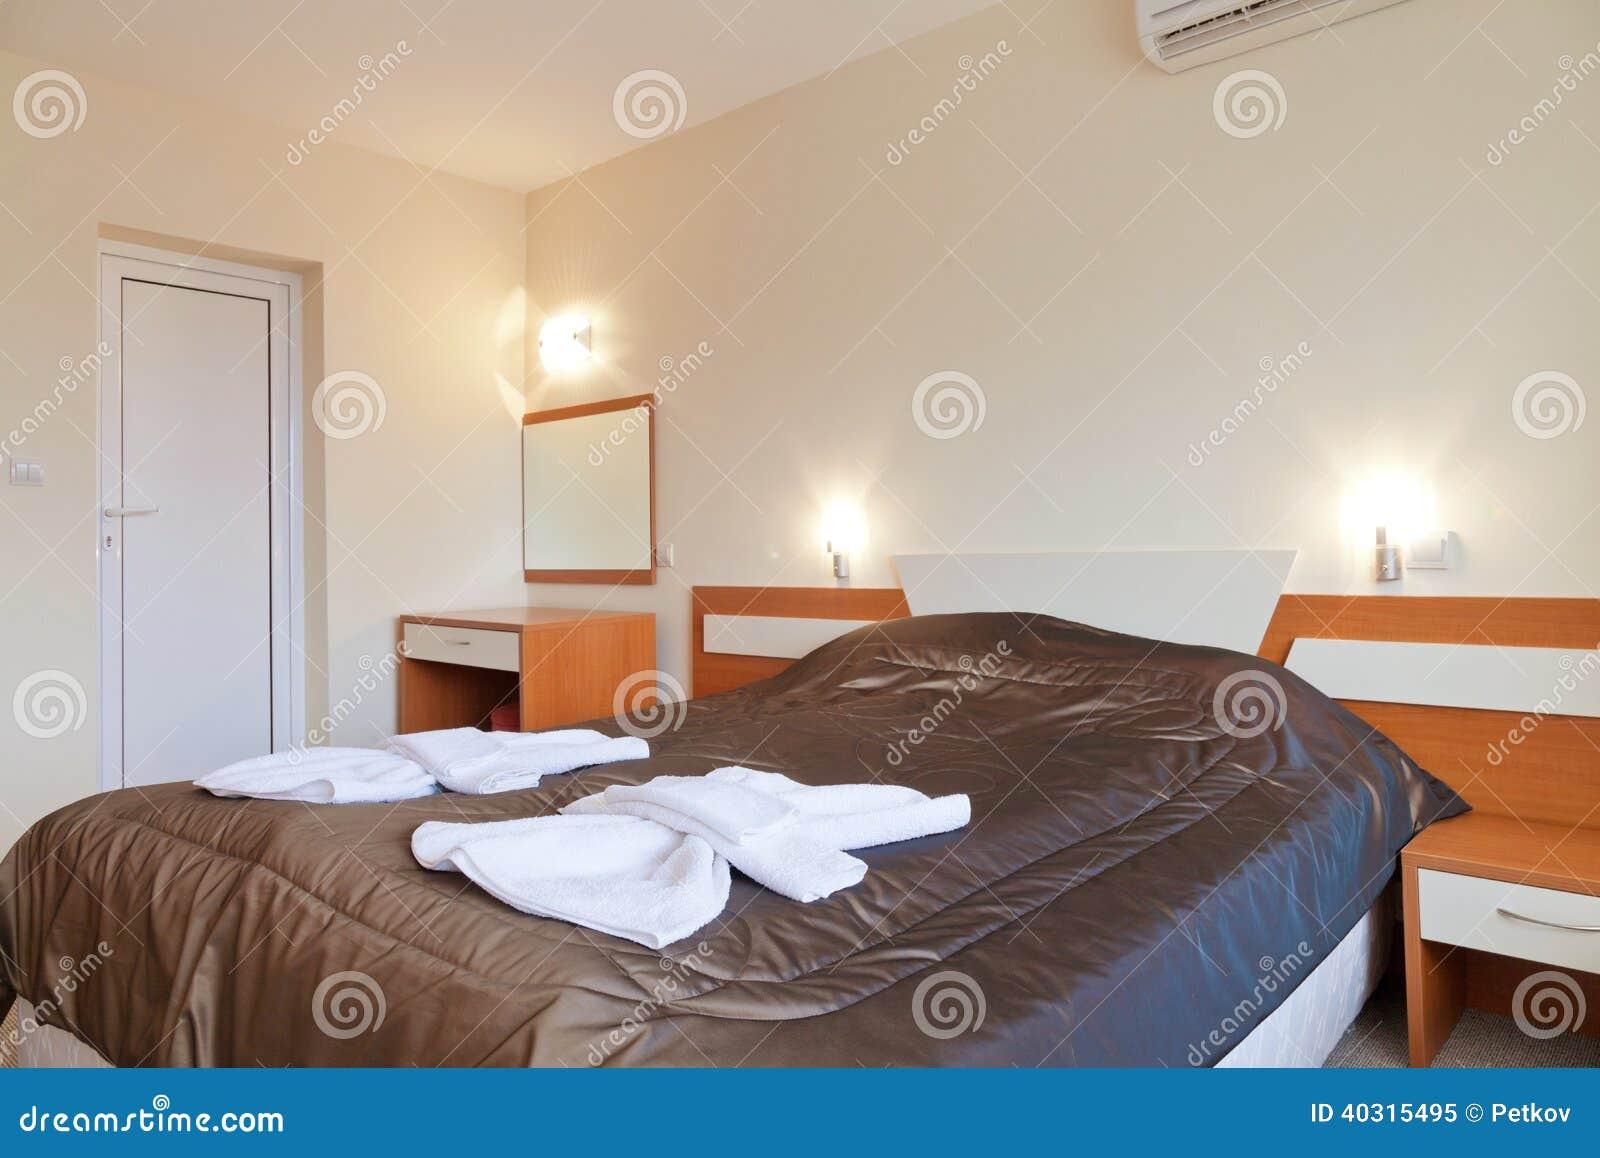 Wewnętrzny Projekt Mała Sypialnia W Hotelu Obraz Stock